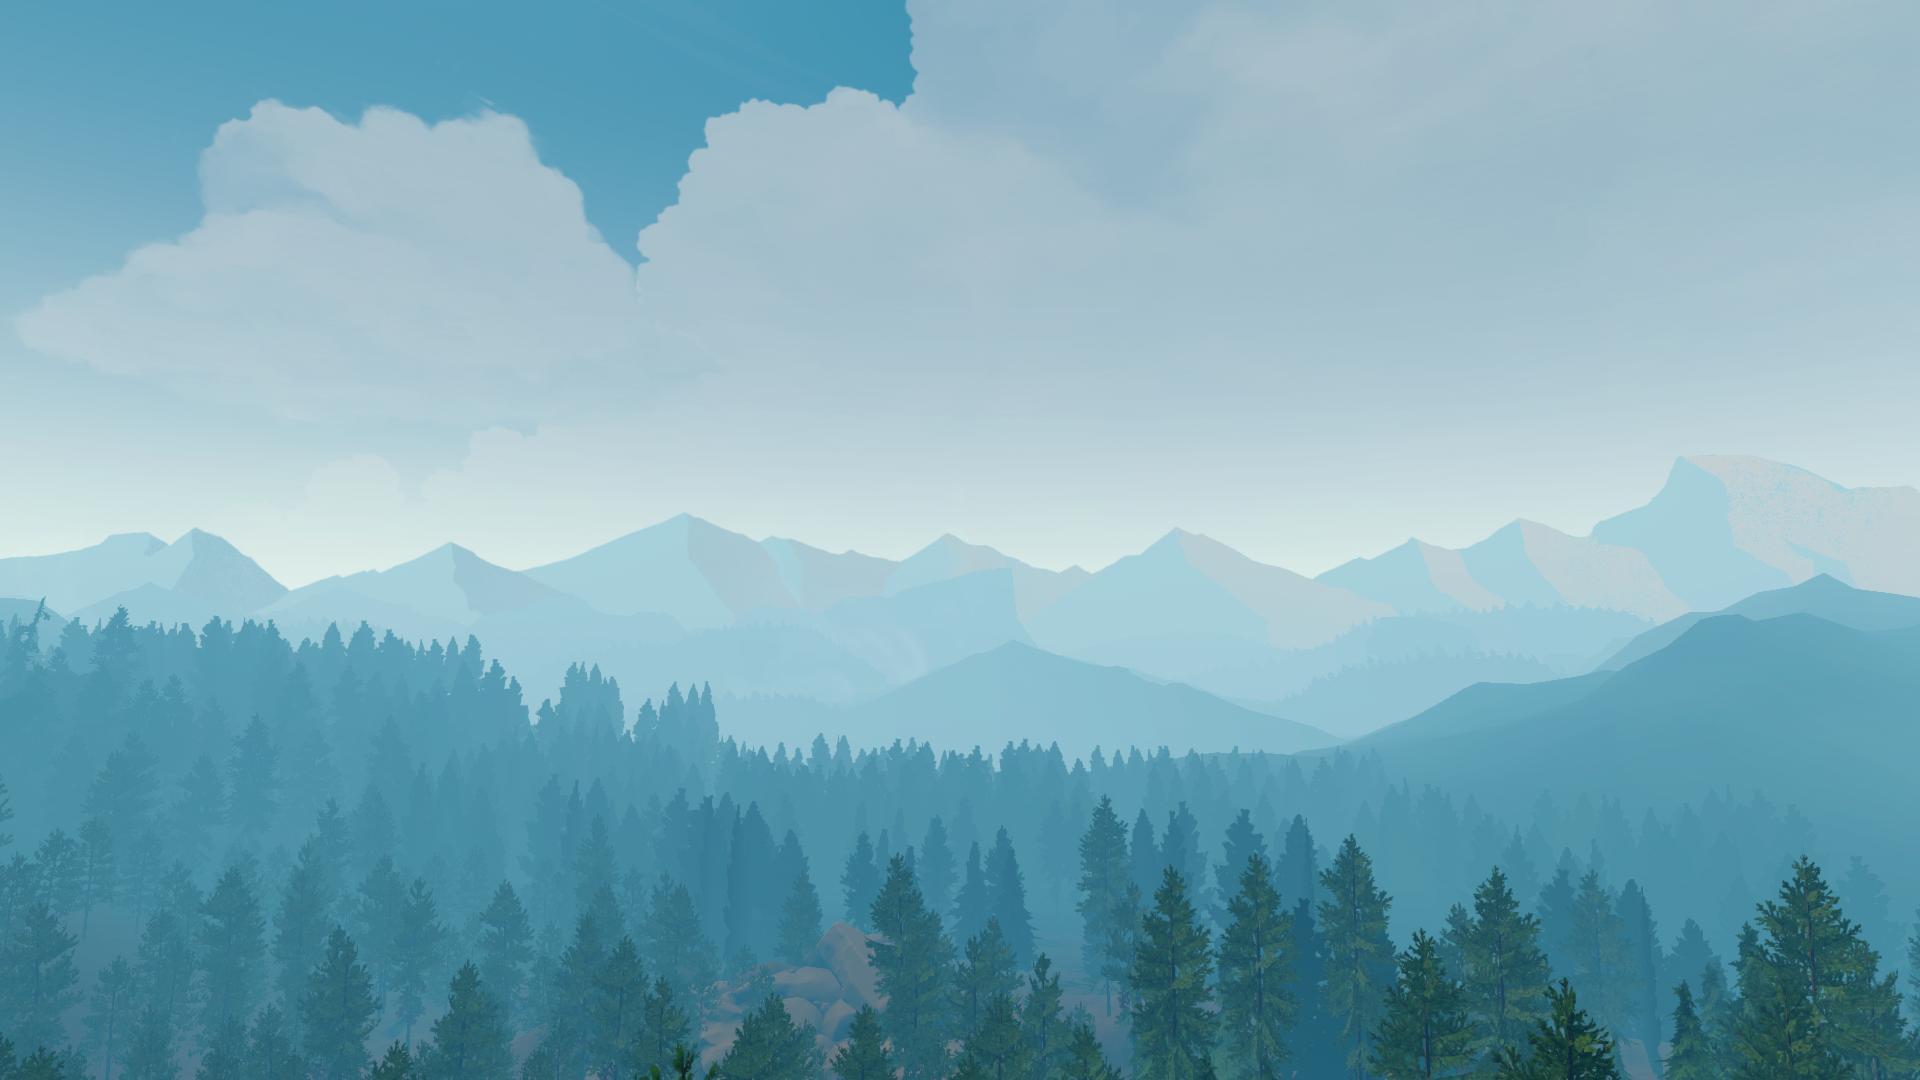 Wallpaper Nature Firewatch Video Games Video Game Art Blue